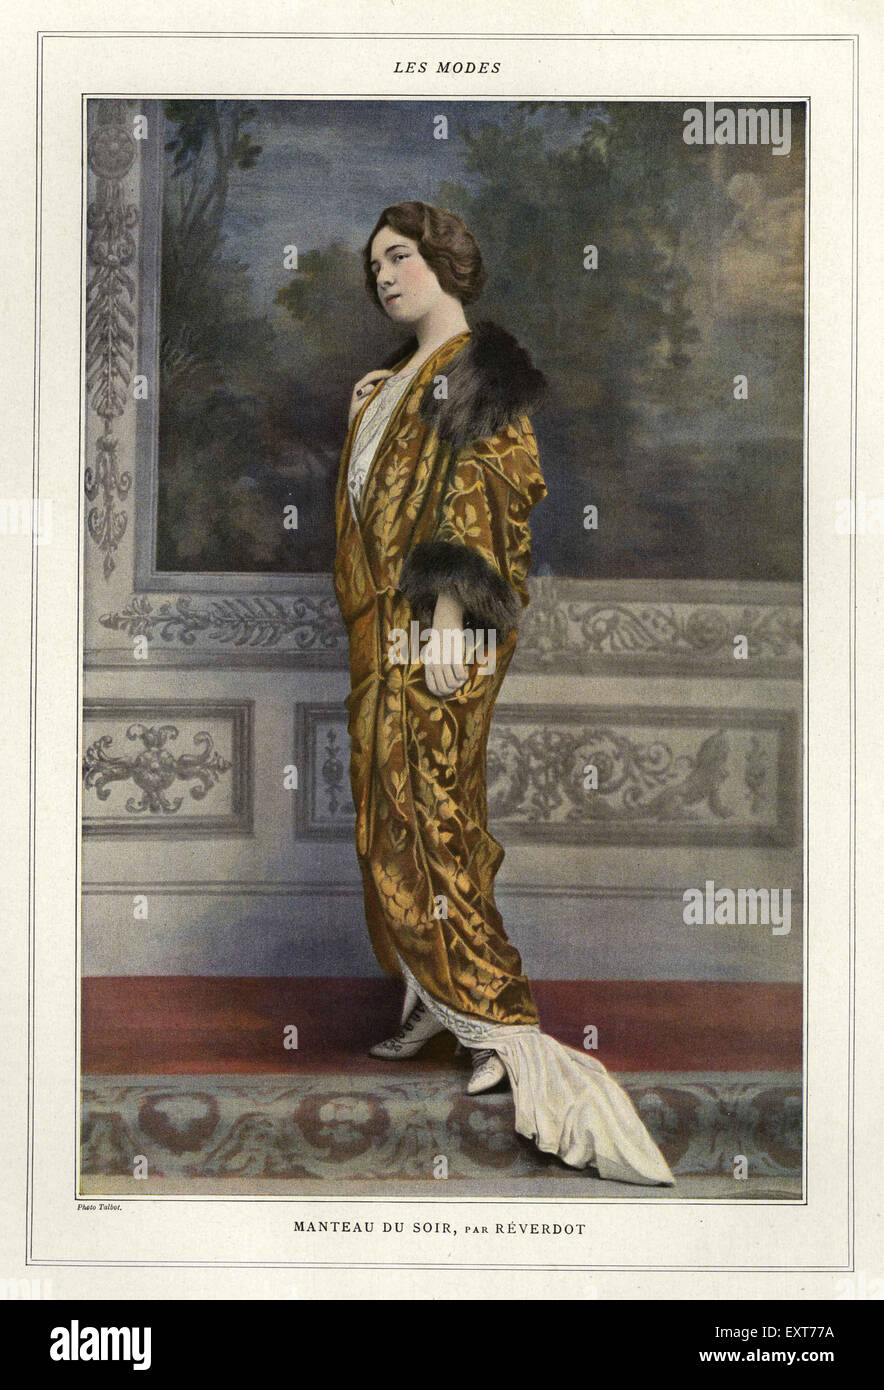 1910 France Les Modes Plaque Magazine Photo Stock